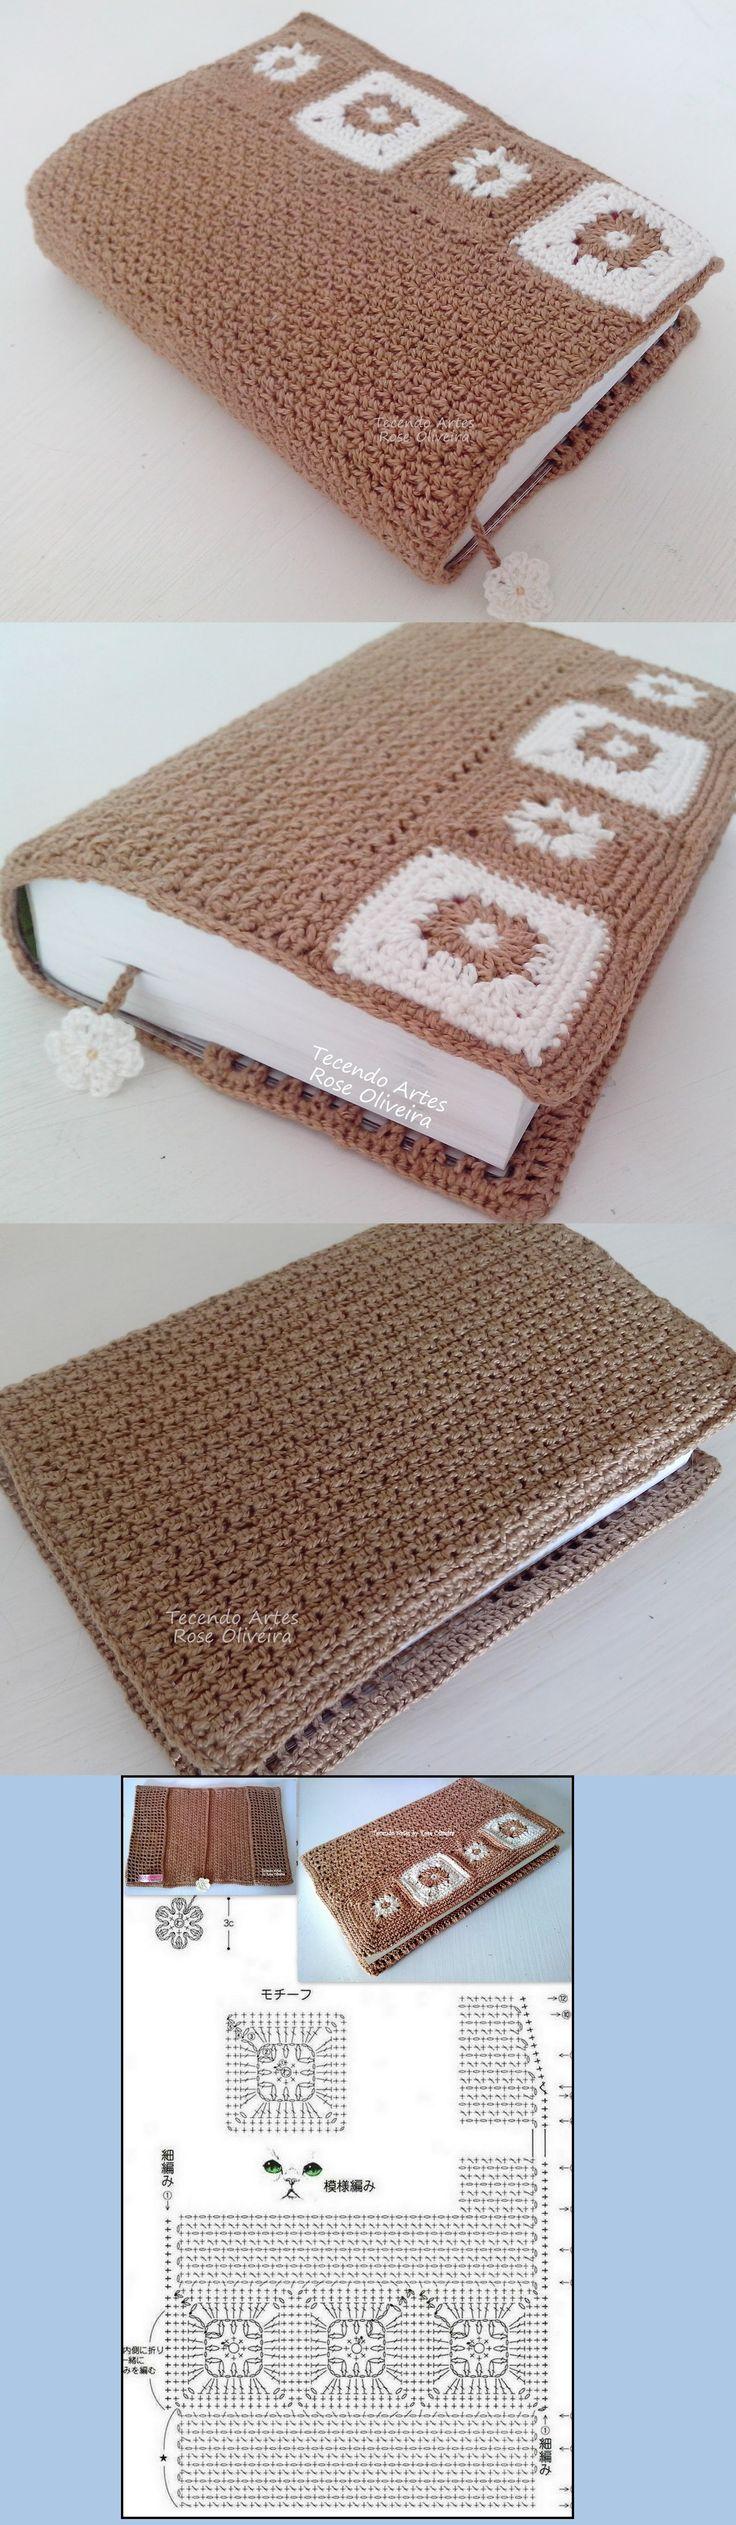 Tecendo Artes em Crochet: Capa para Agendas, Bíblias ou Livros - Com gráfico!